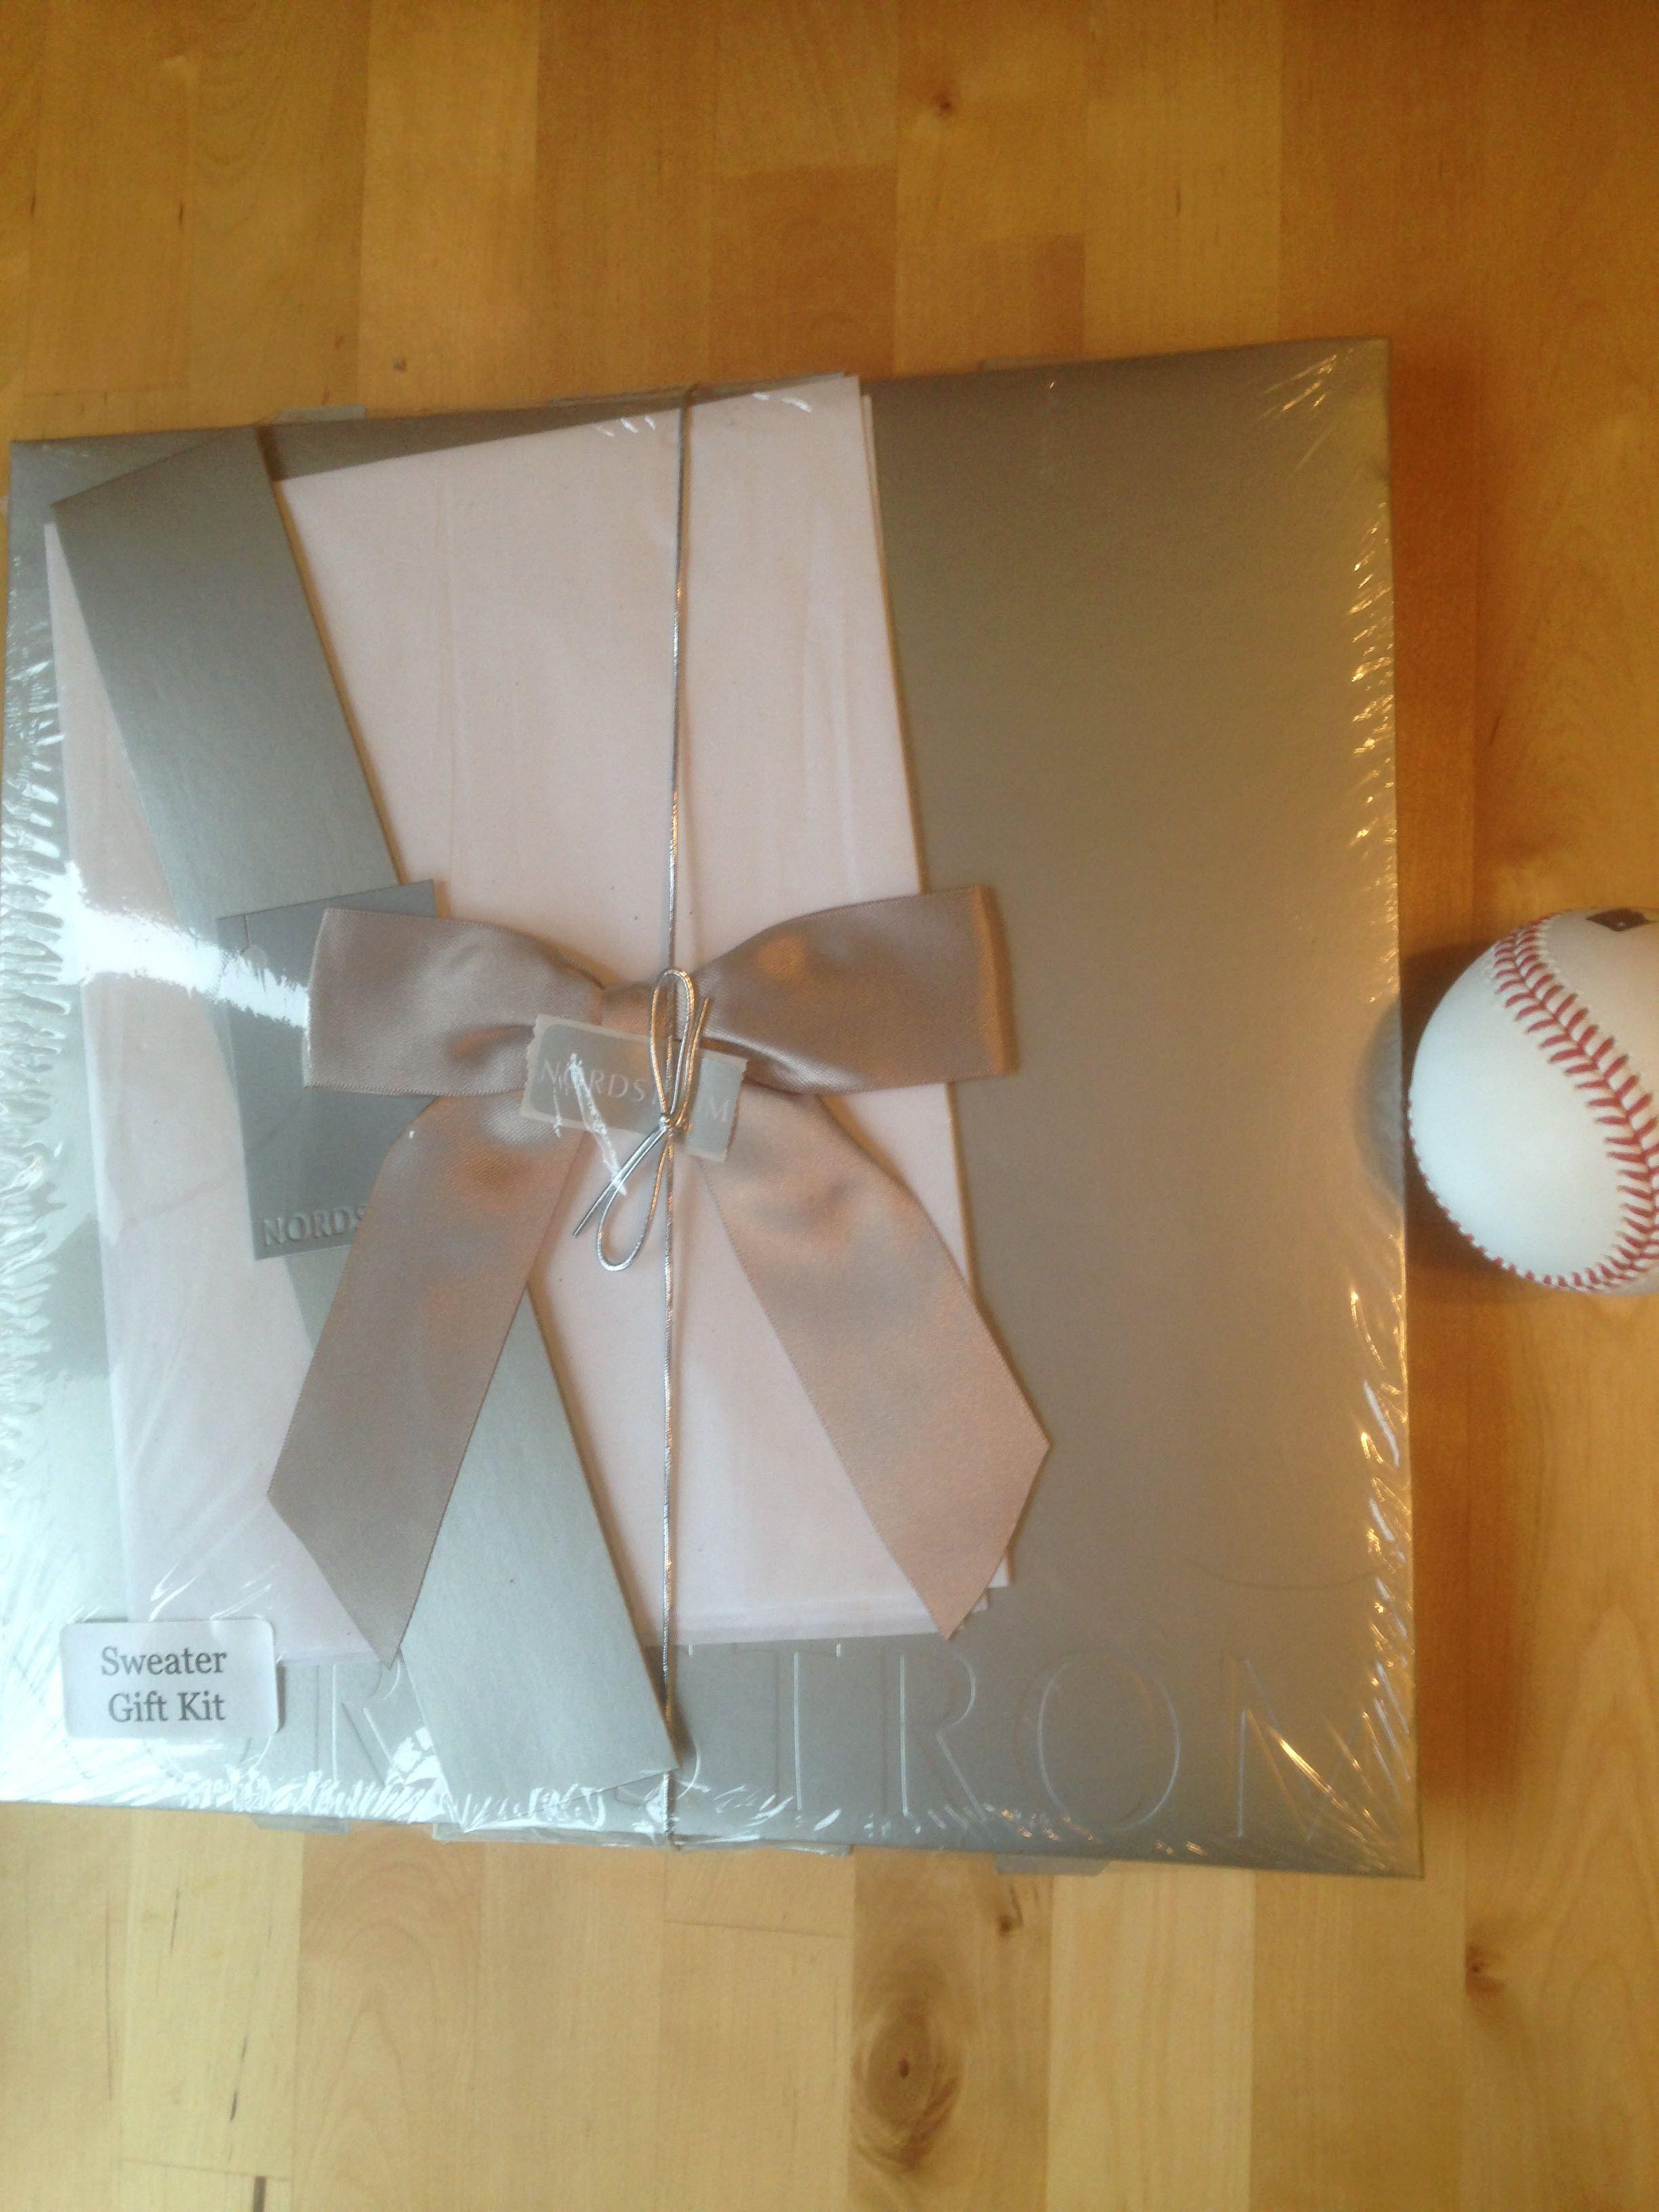 21422 Sweater Gift Kit Shipped   Nordstrom Direct   Pinterest ...